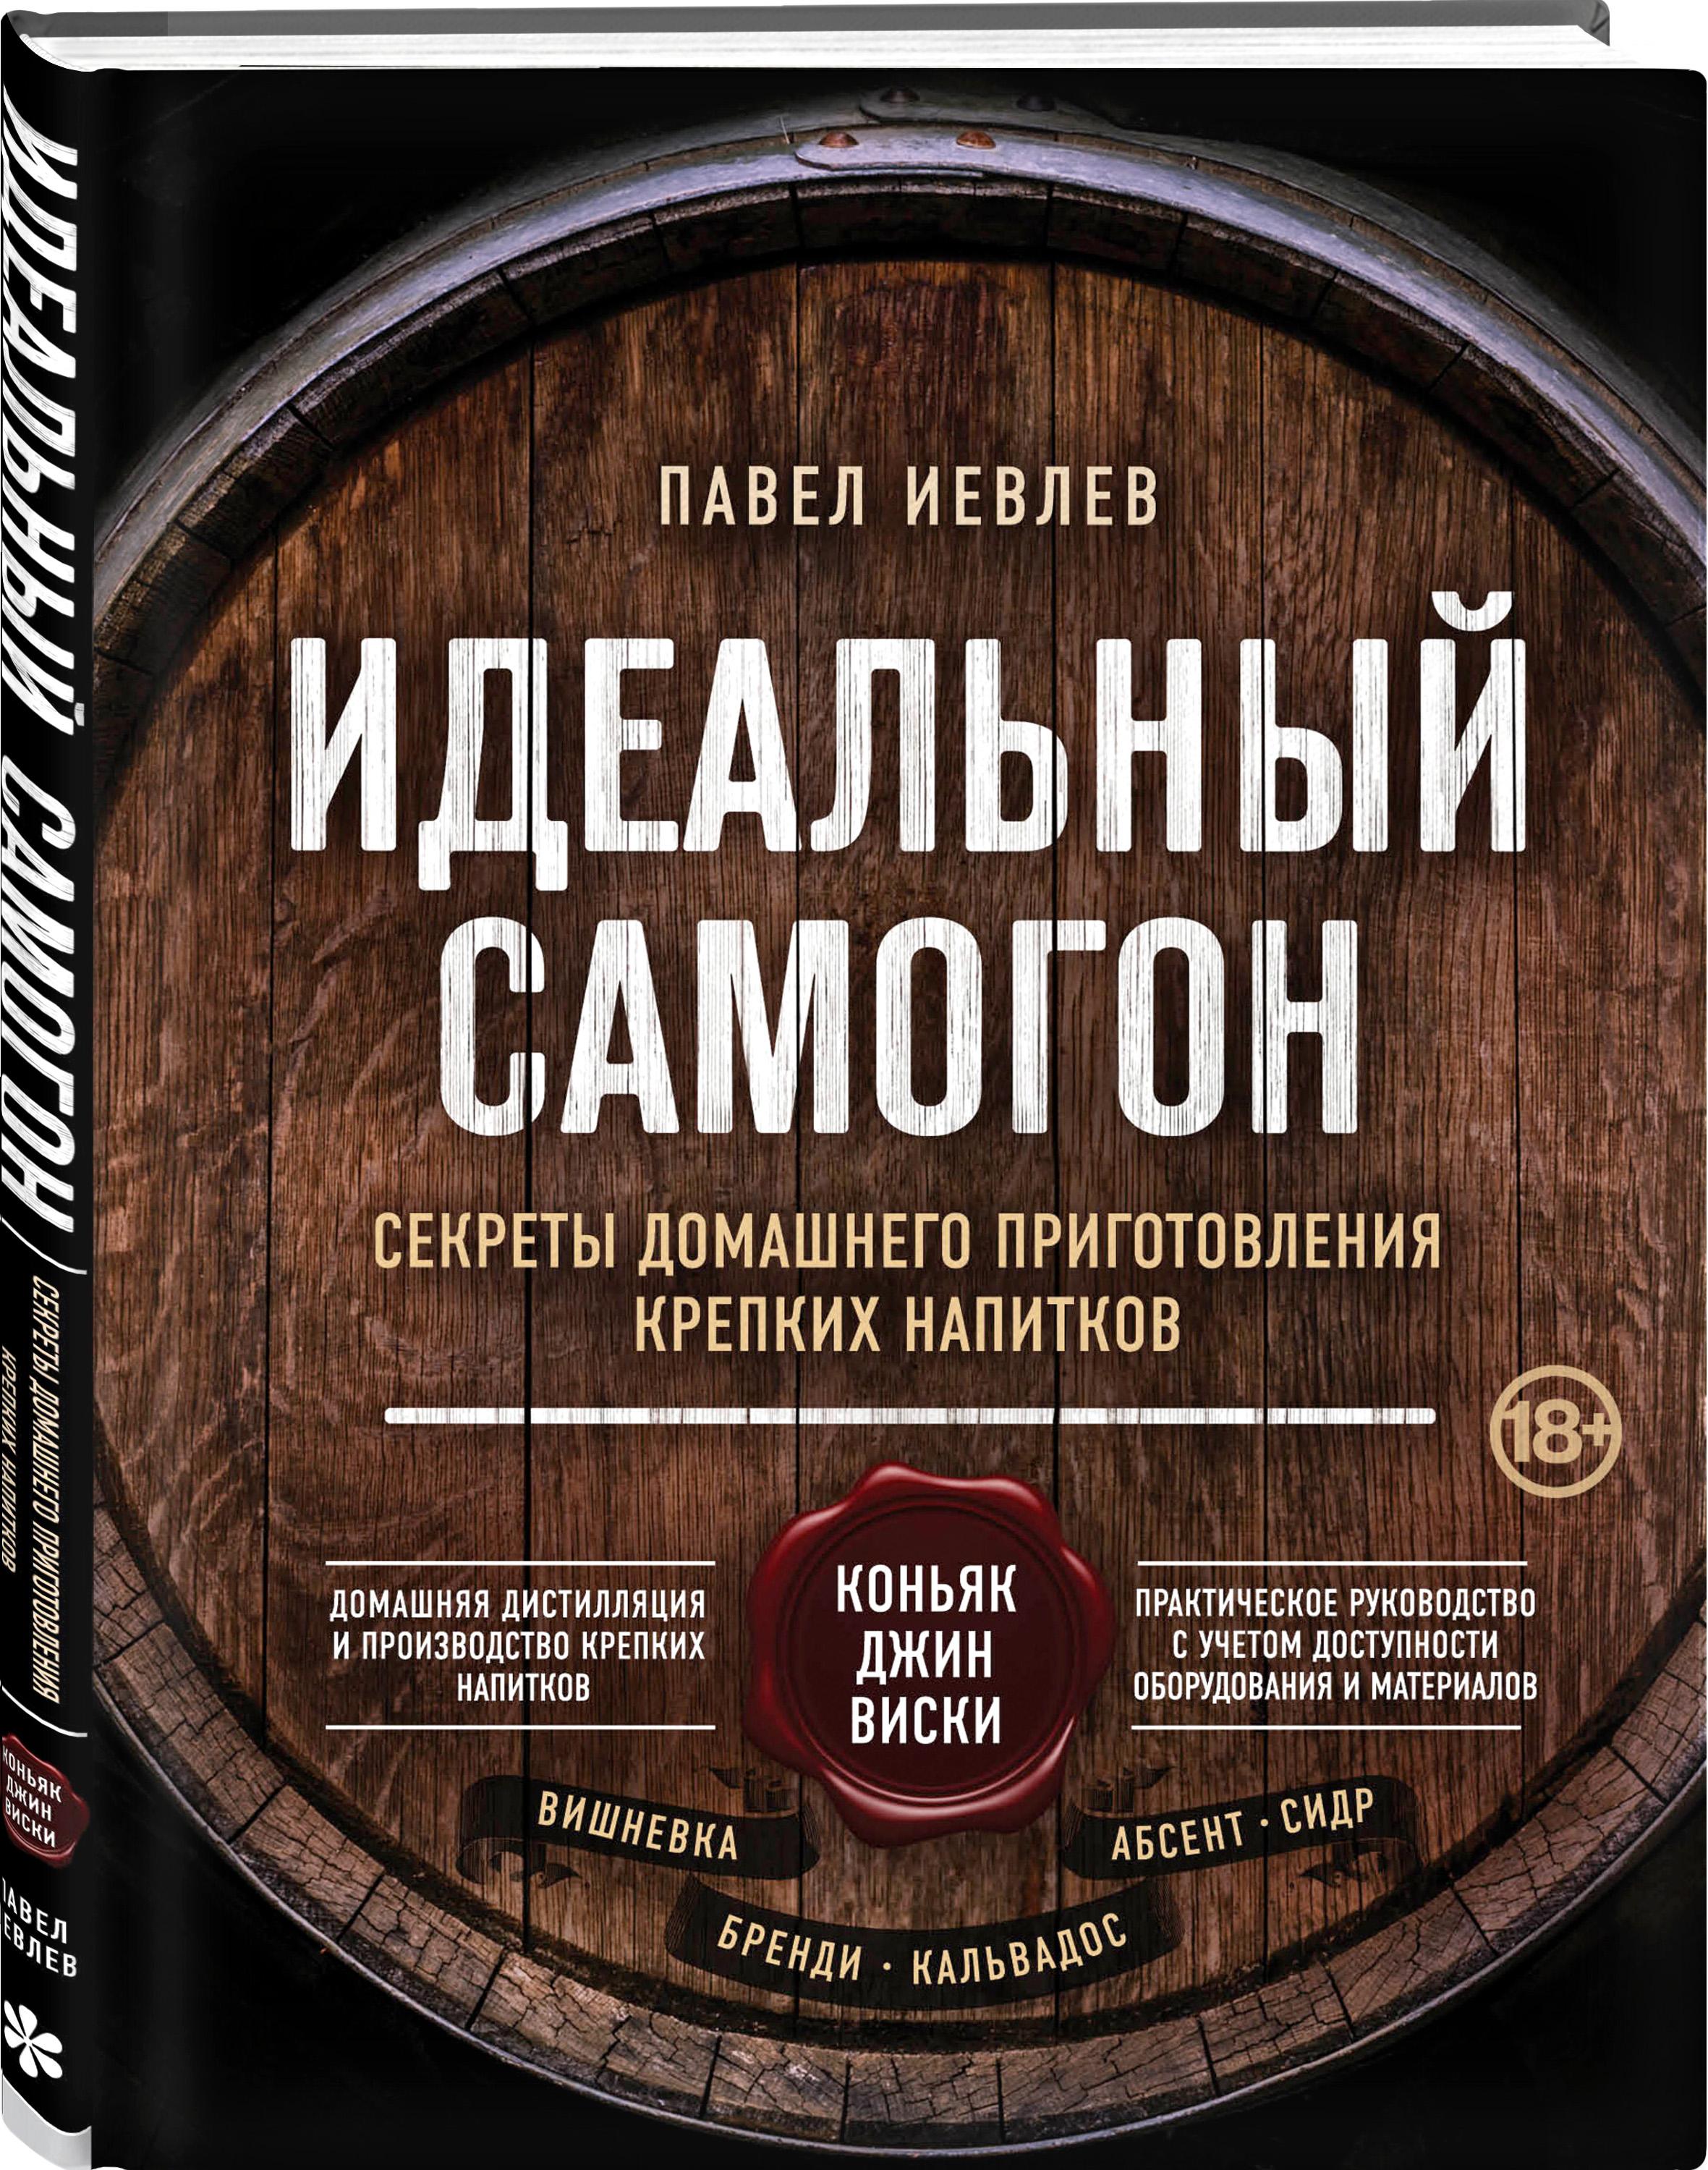 Павел Иевлев Идеальный самогон. Секреты домашнего приготовления крепких напитков: коньяк, джин, виски стоимость